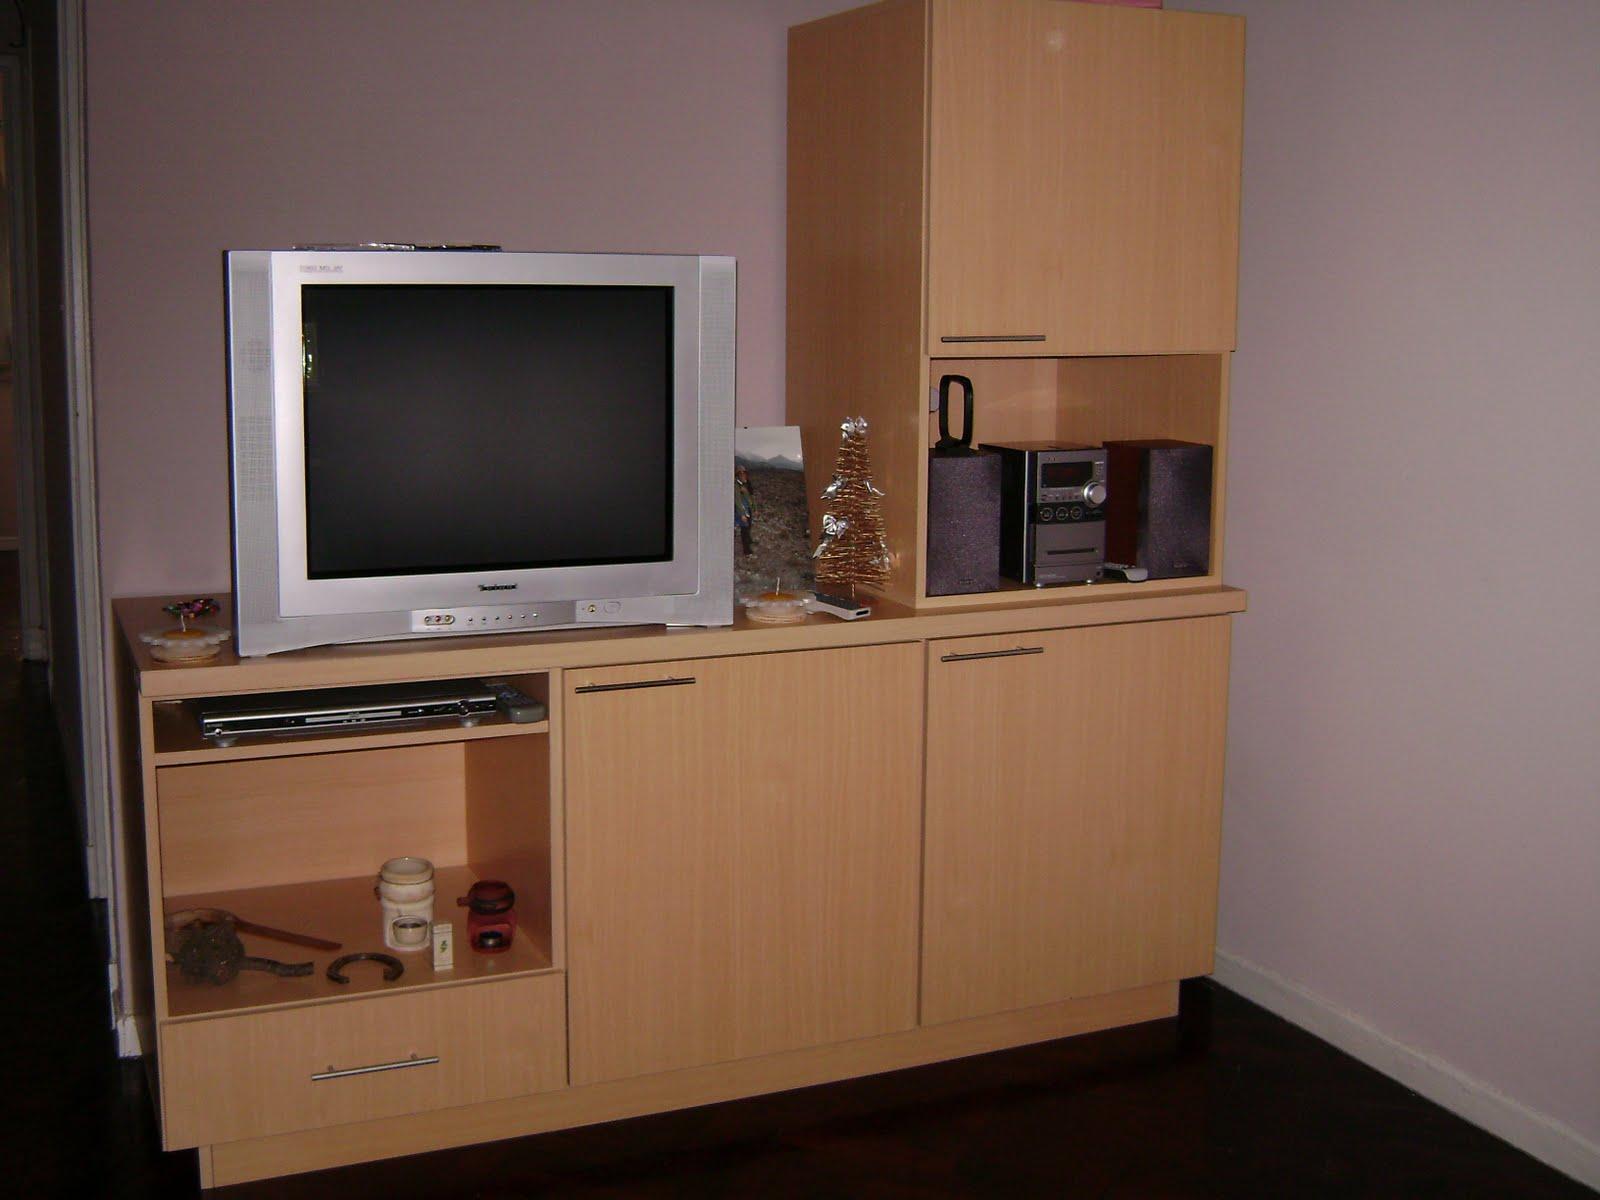 http://1.bp.blogspot.com/_tYUaTl355jk/TFVeGyp-J4I/AAAAAAAAAE8/adtfU-zHjRQ/s1600/carpinteria%20031.jpg